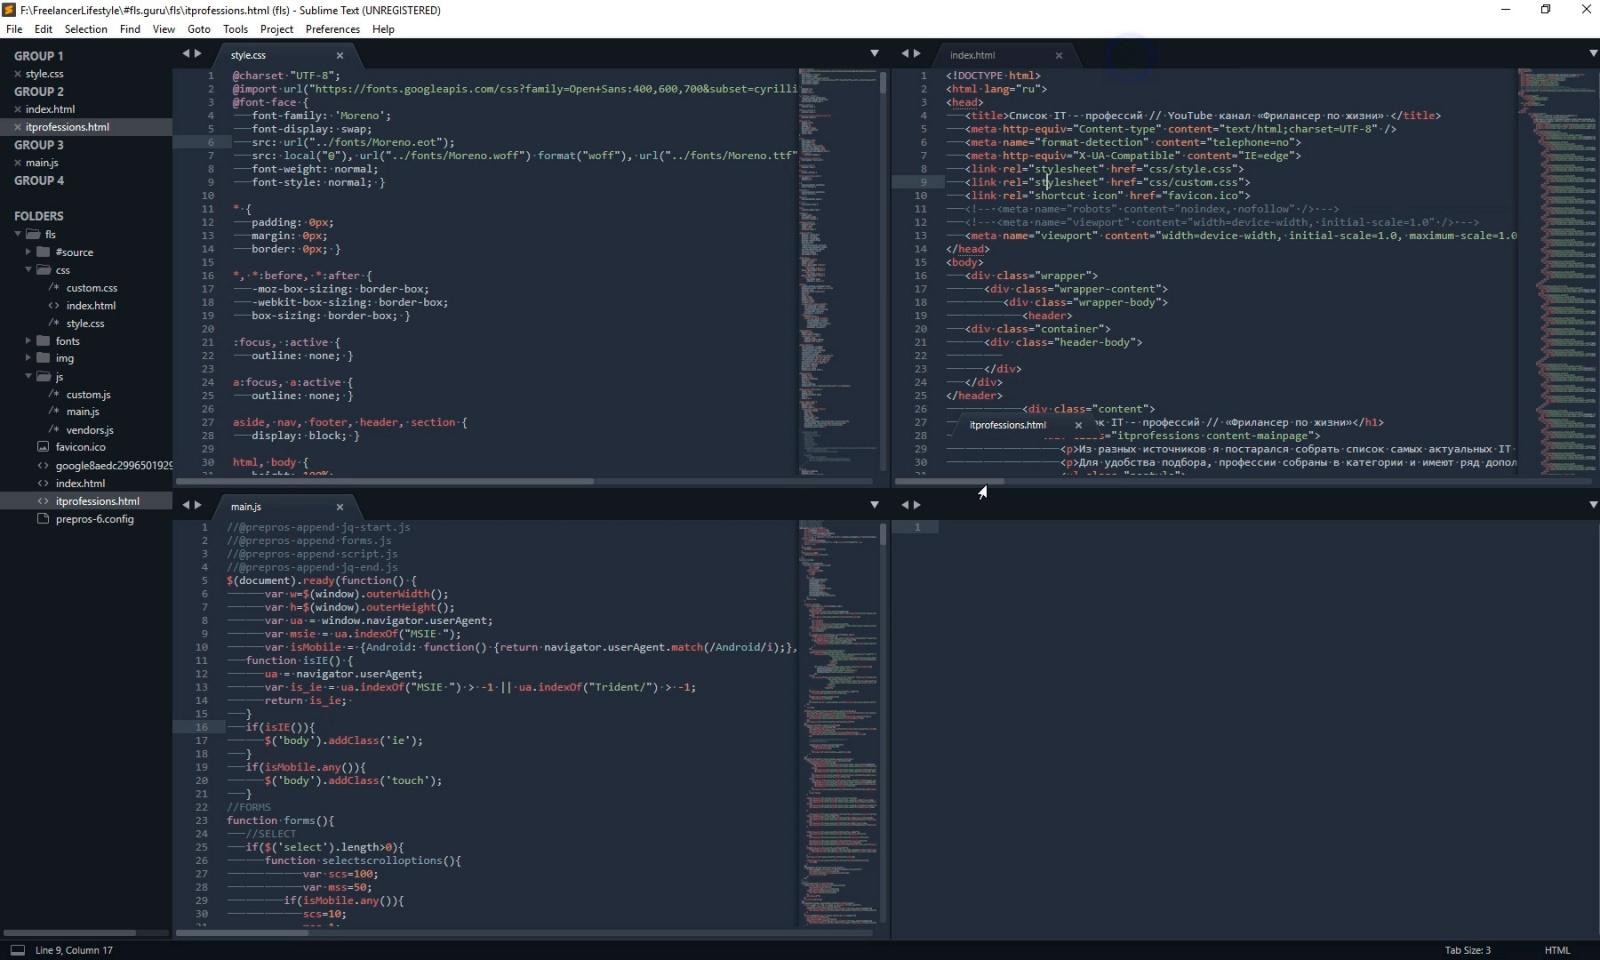 Sublime Text 3 для верстки сайтов. Настройка внешнего вида и установка плагинов. Руководство для начинающих - 14